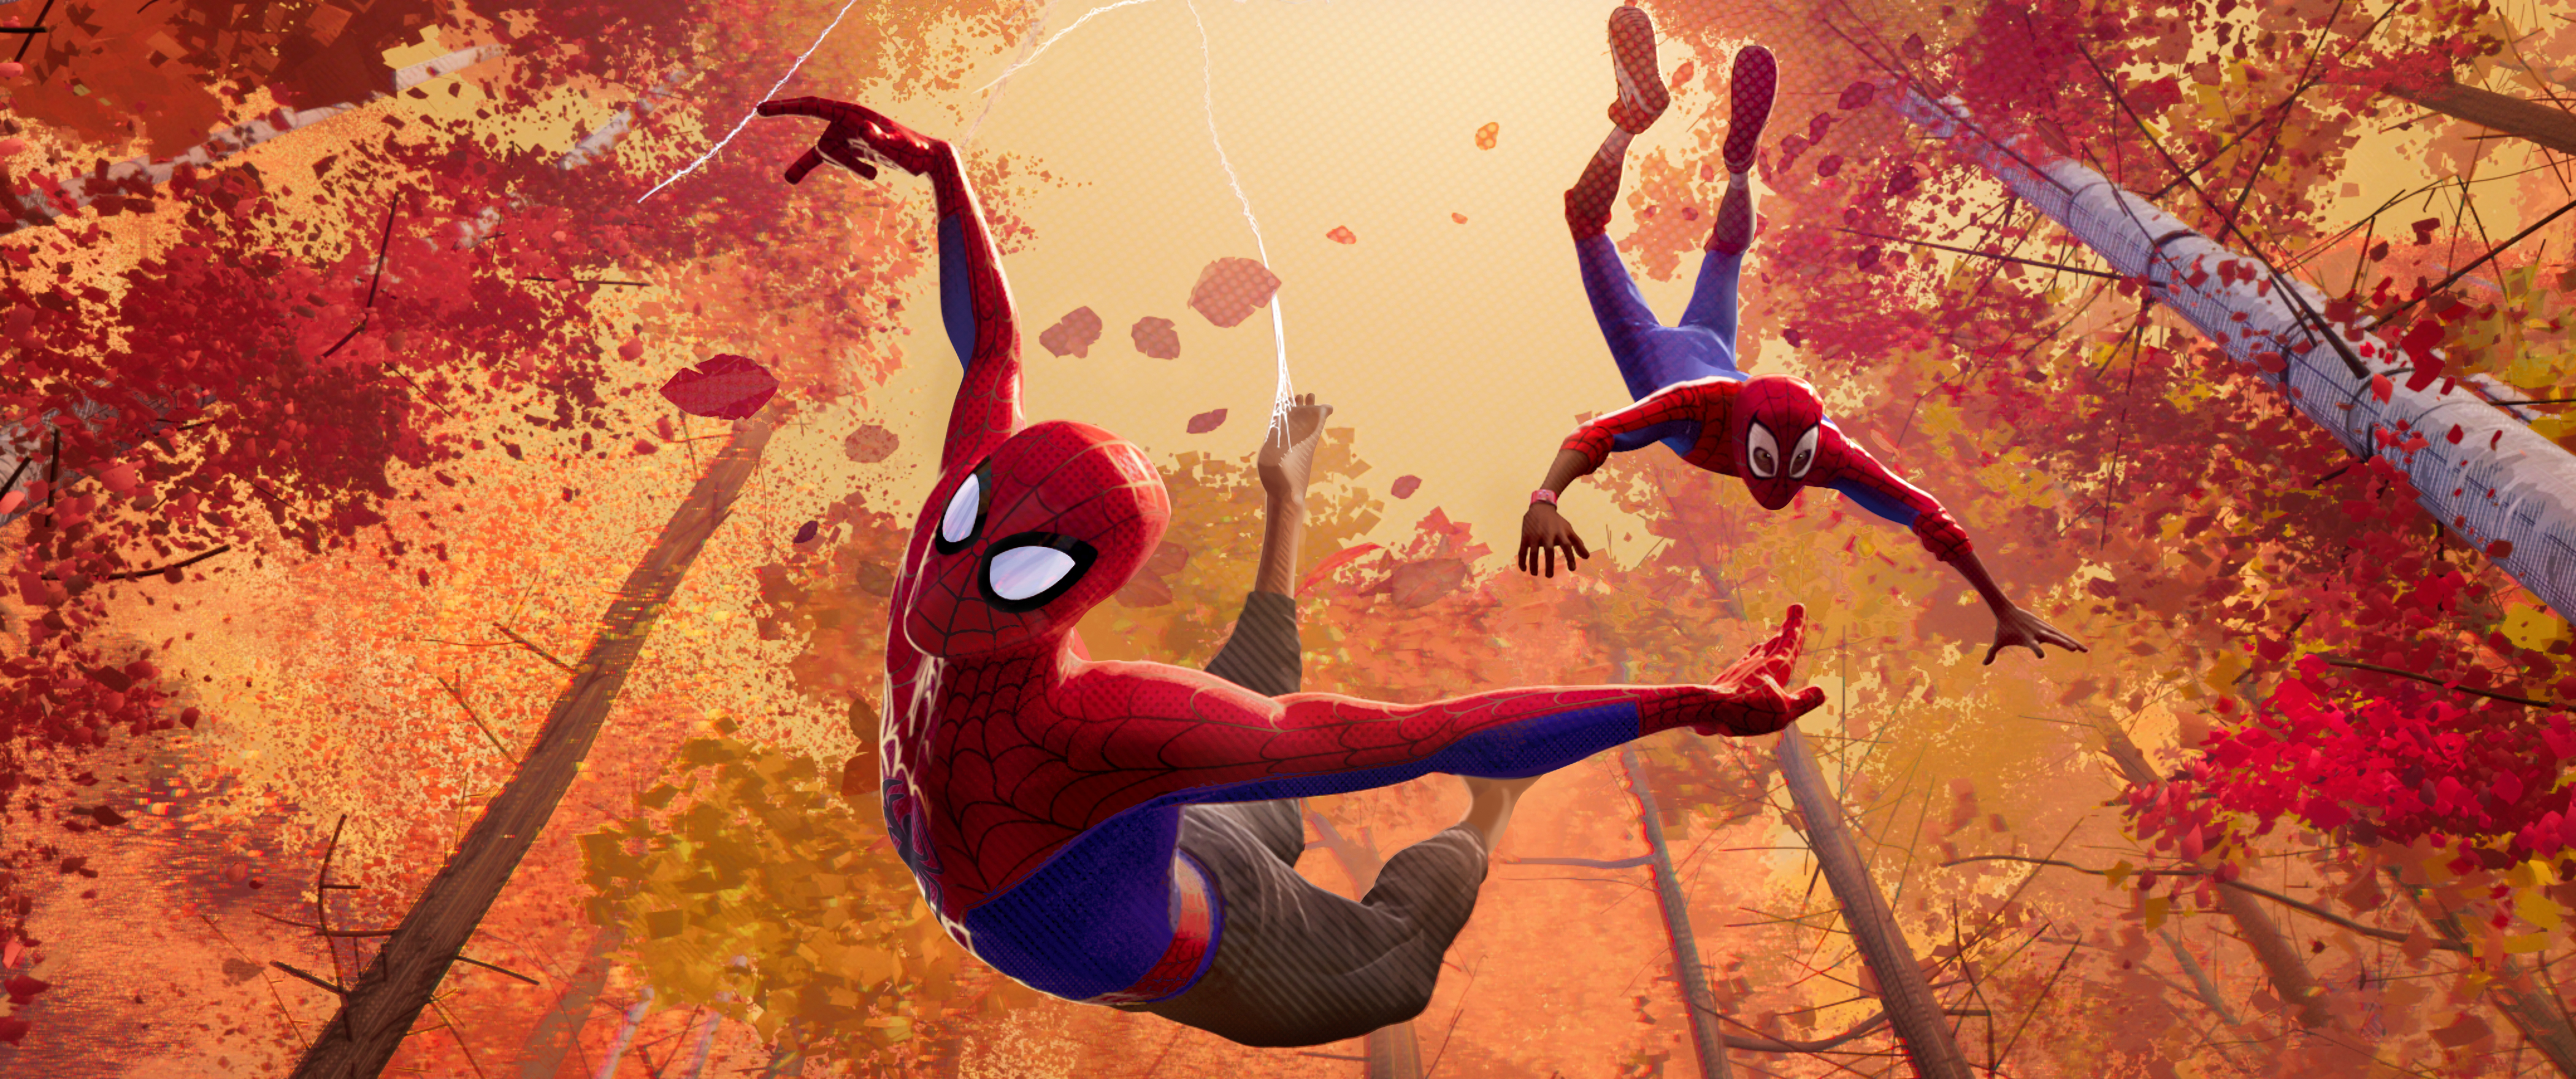 Кадр из фильма «Человек-паук: Через вселенные»